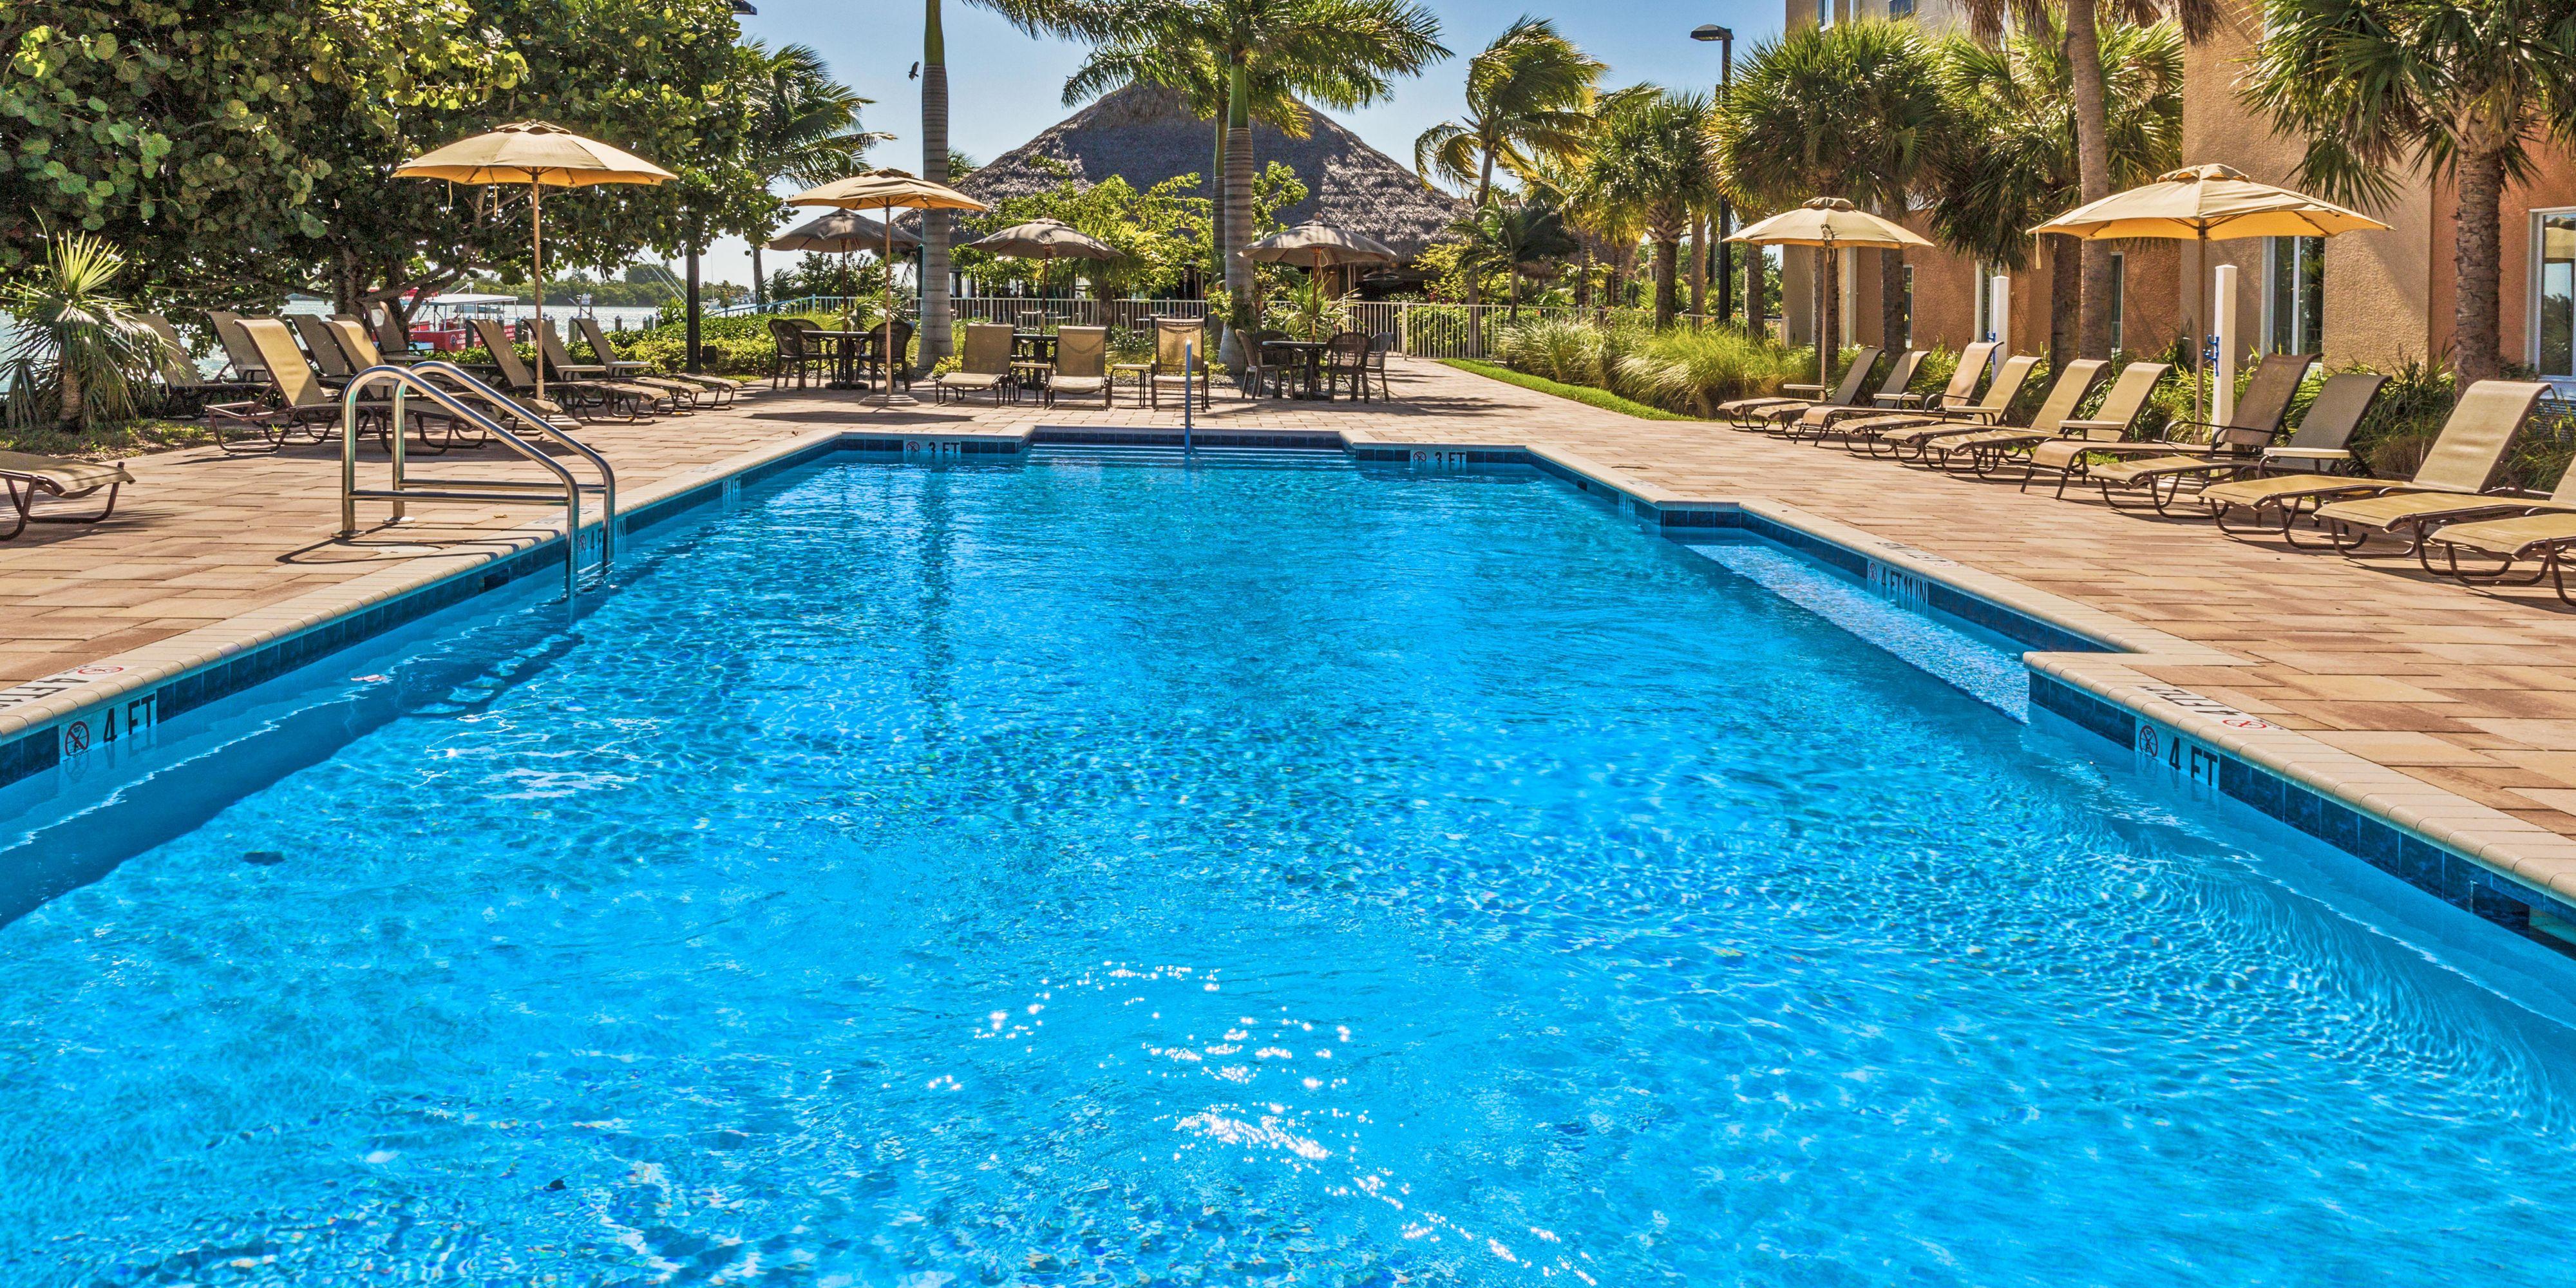 Holiday Inn Express & Suites Marathon Hotel by IHG